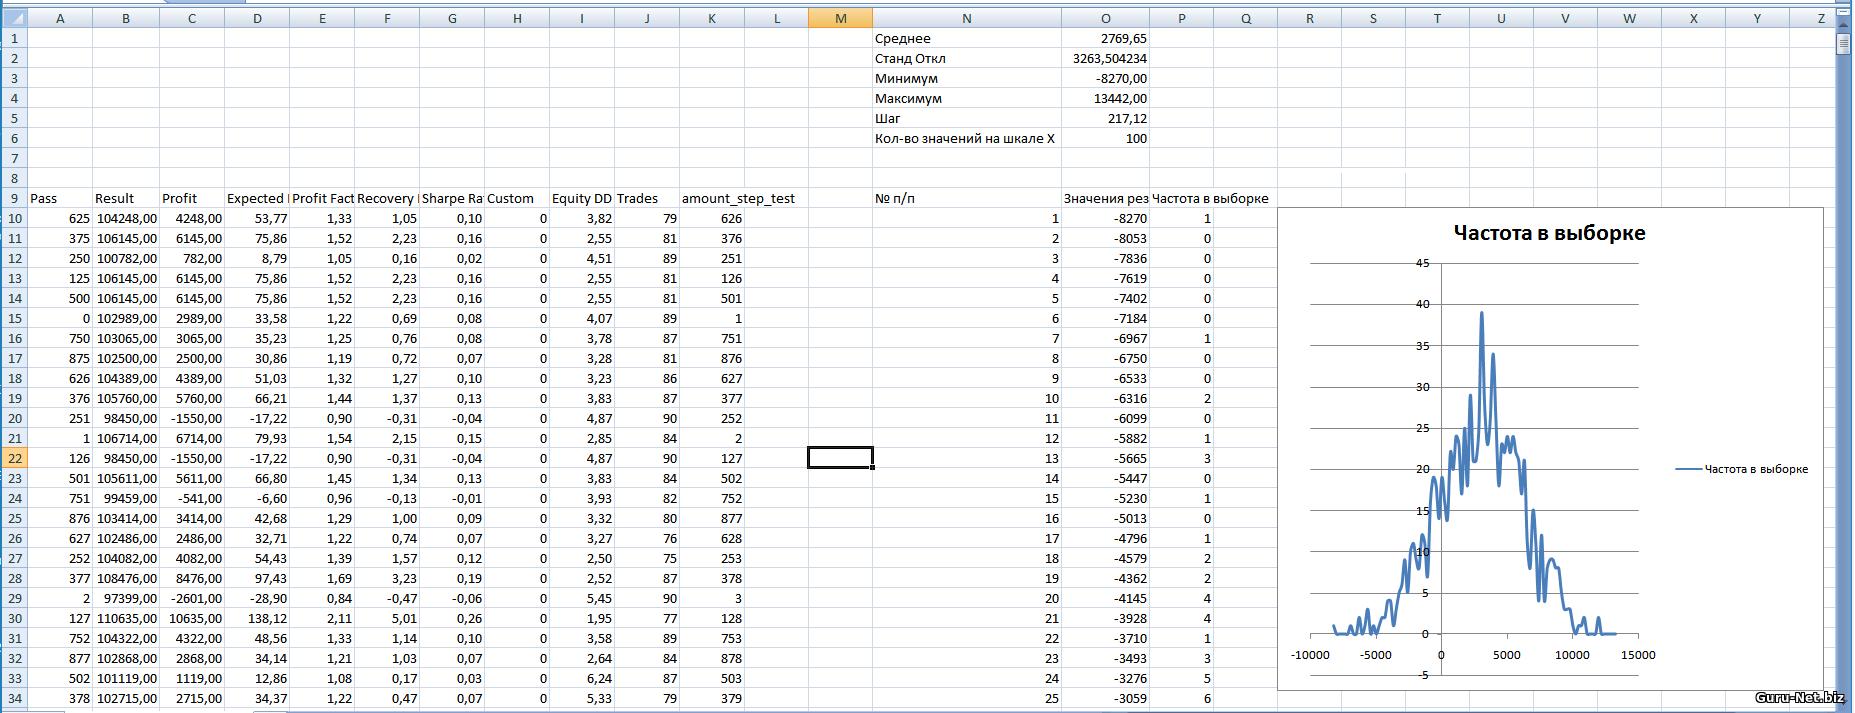 Распределение результатов для классического трейлинг стопа